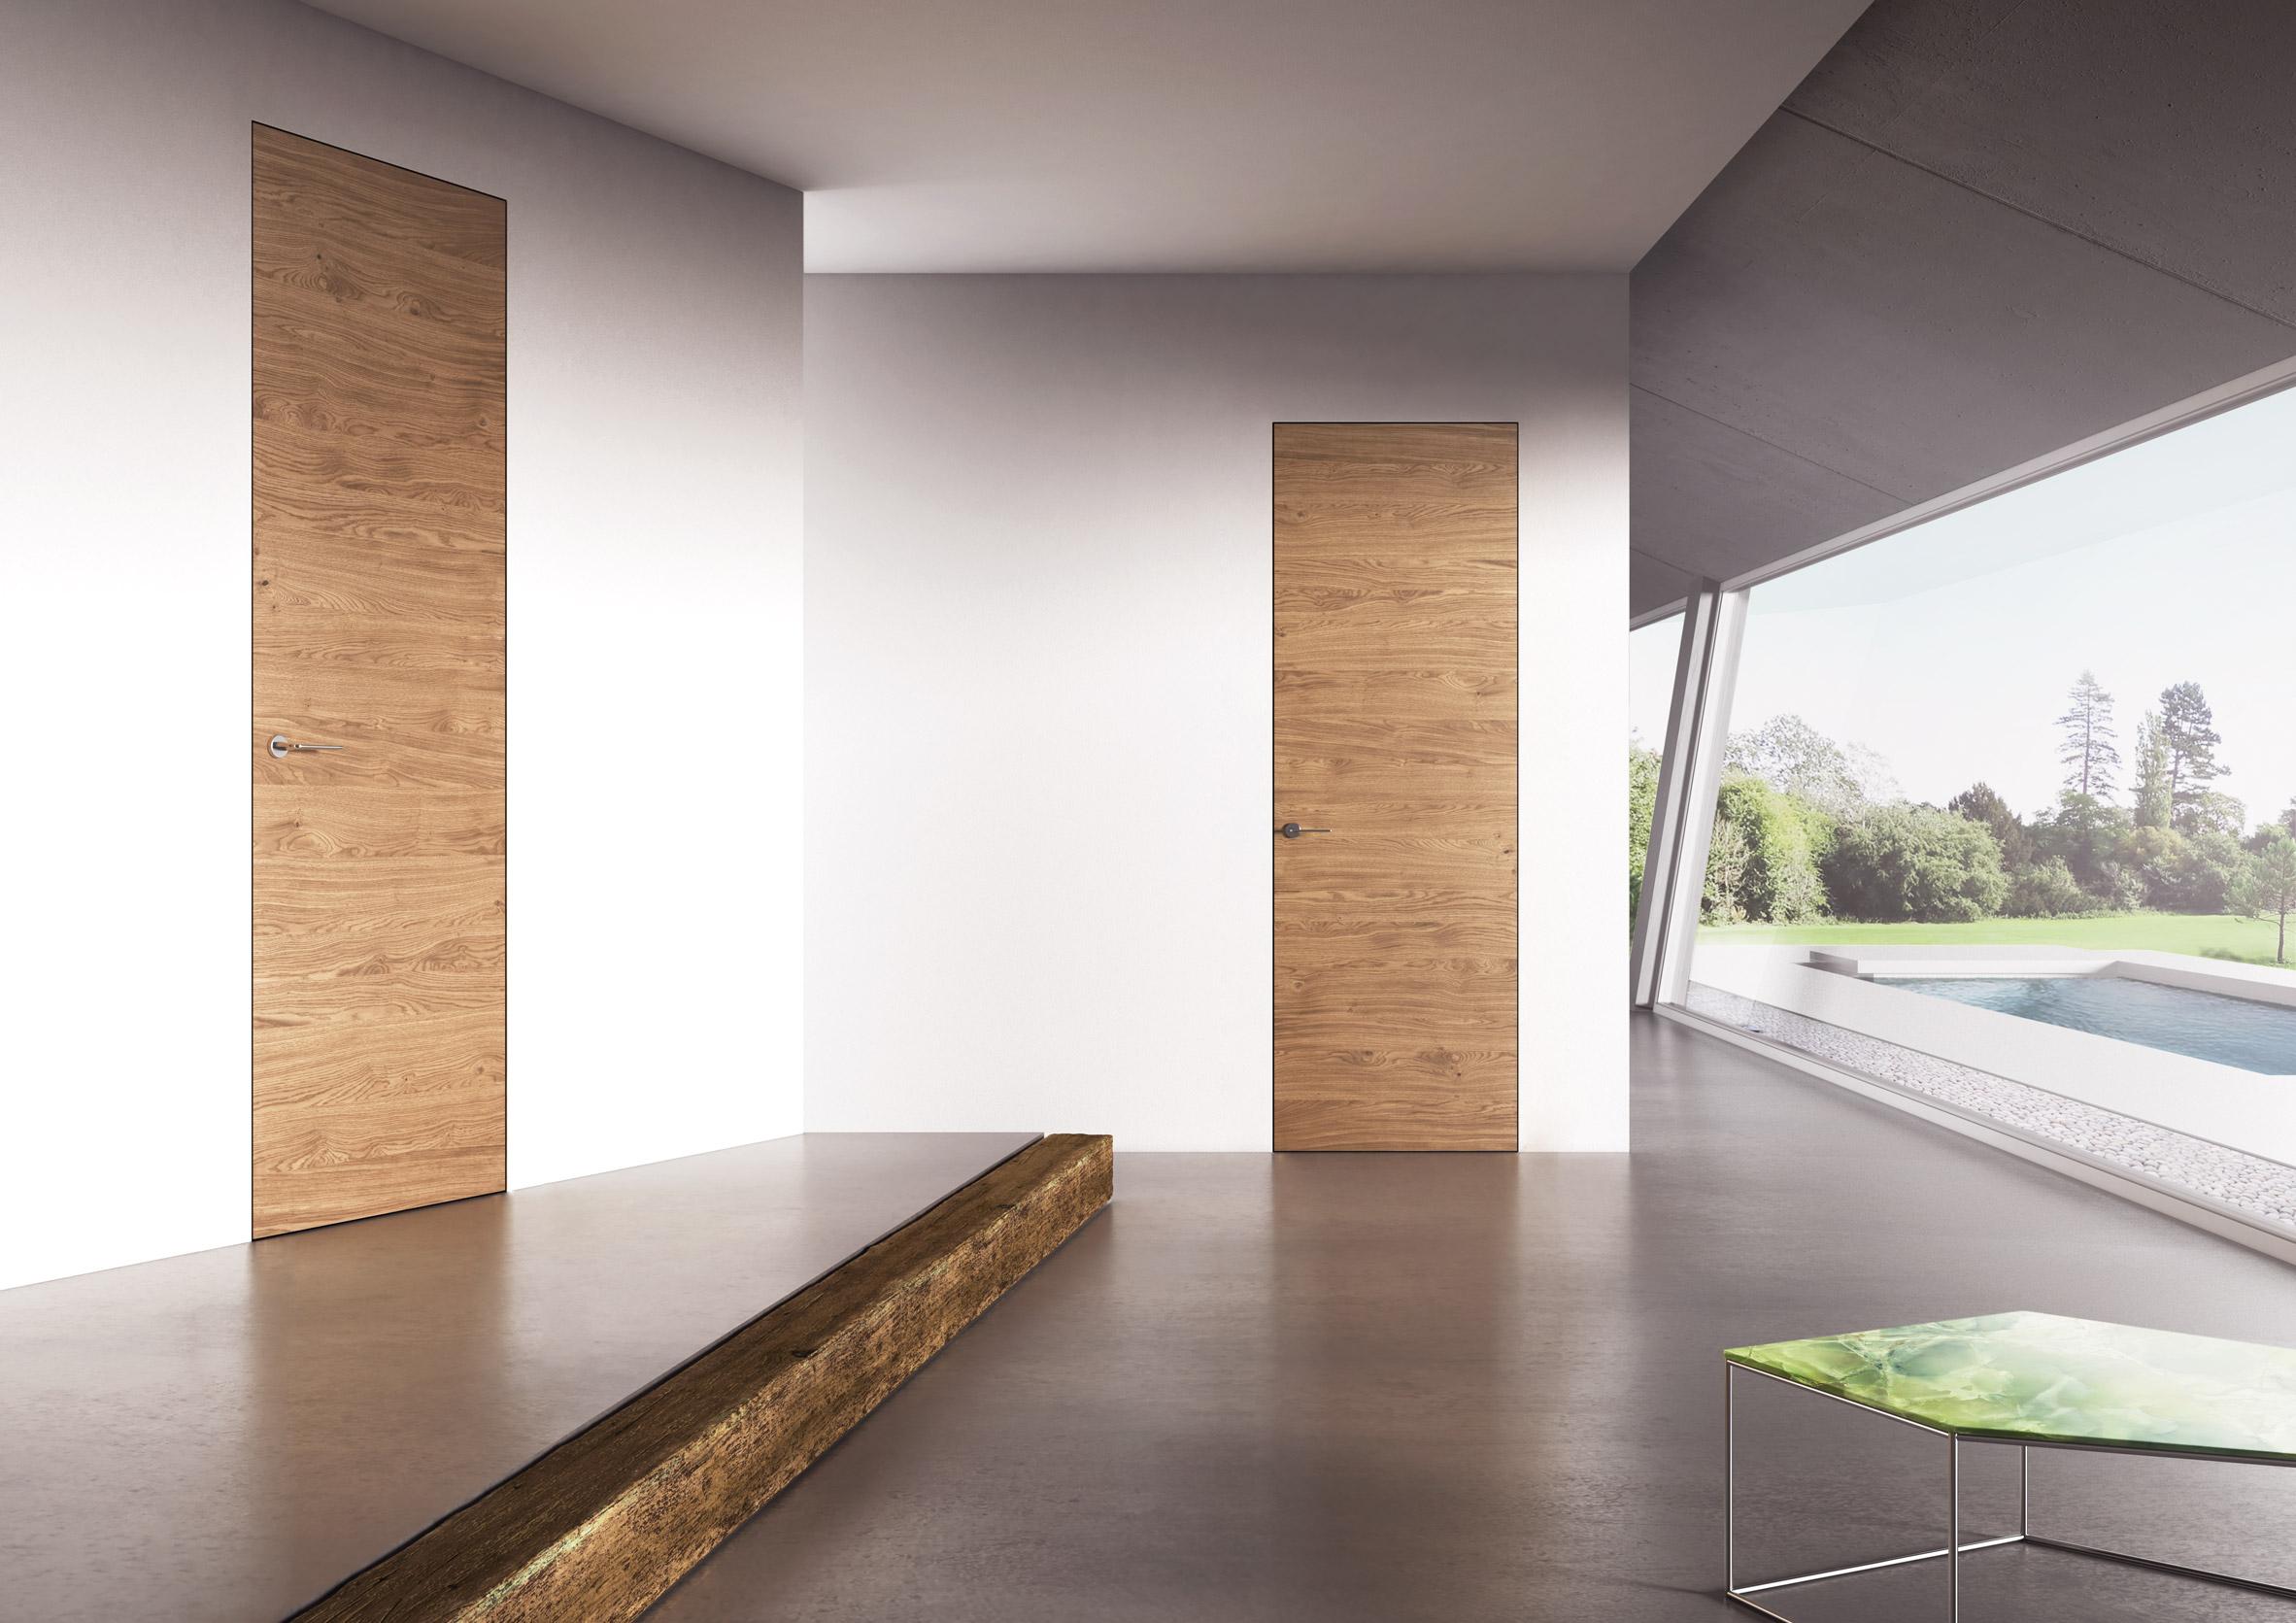 Space & Interiors